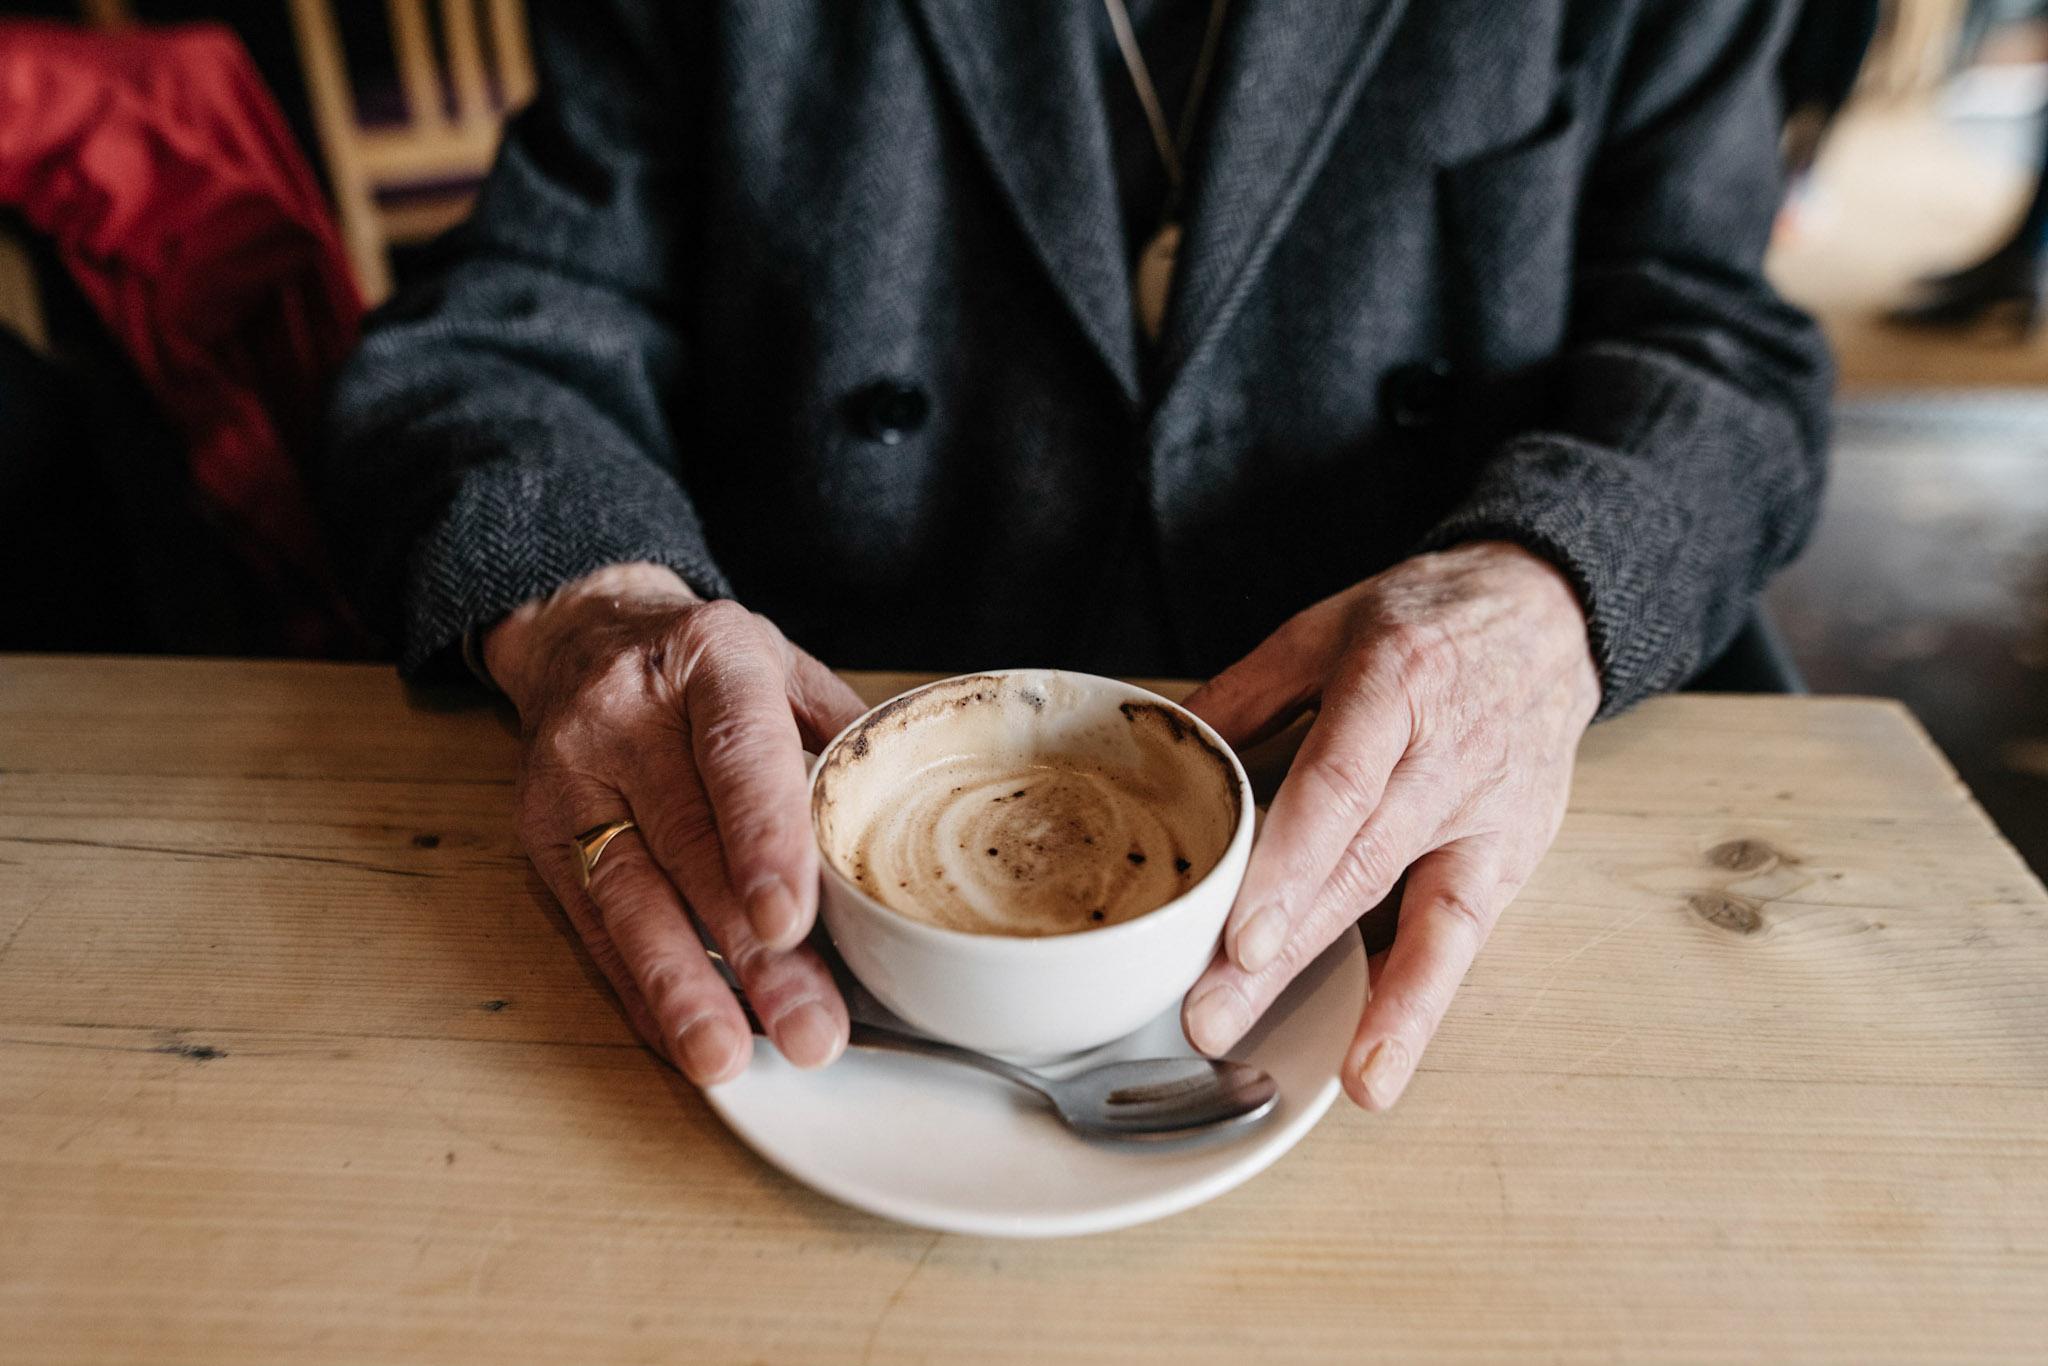 Radis Community Care recruits 1000 Dementia Friends